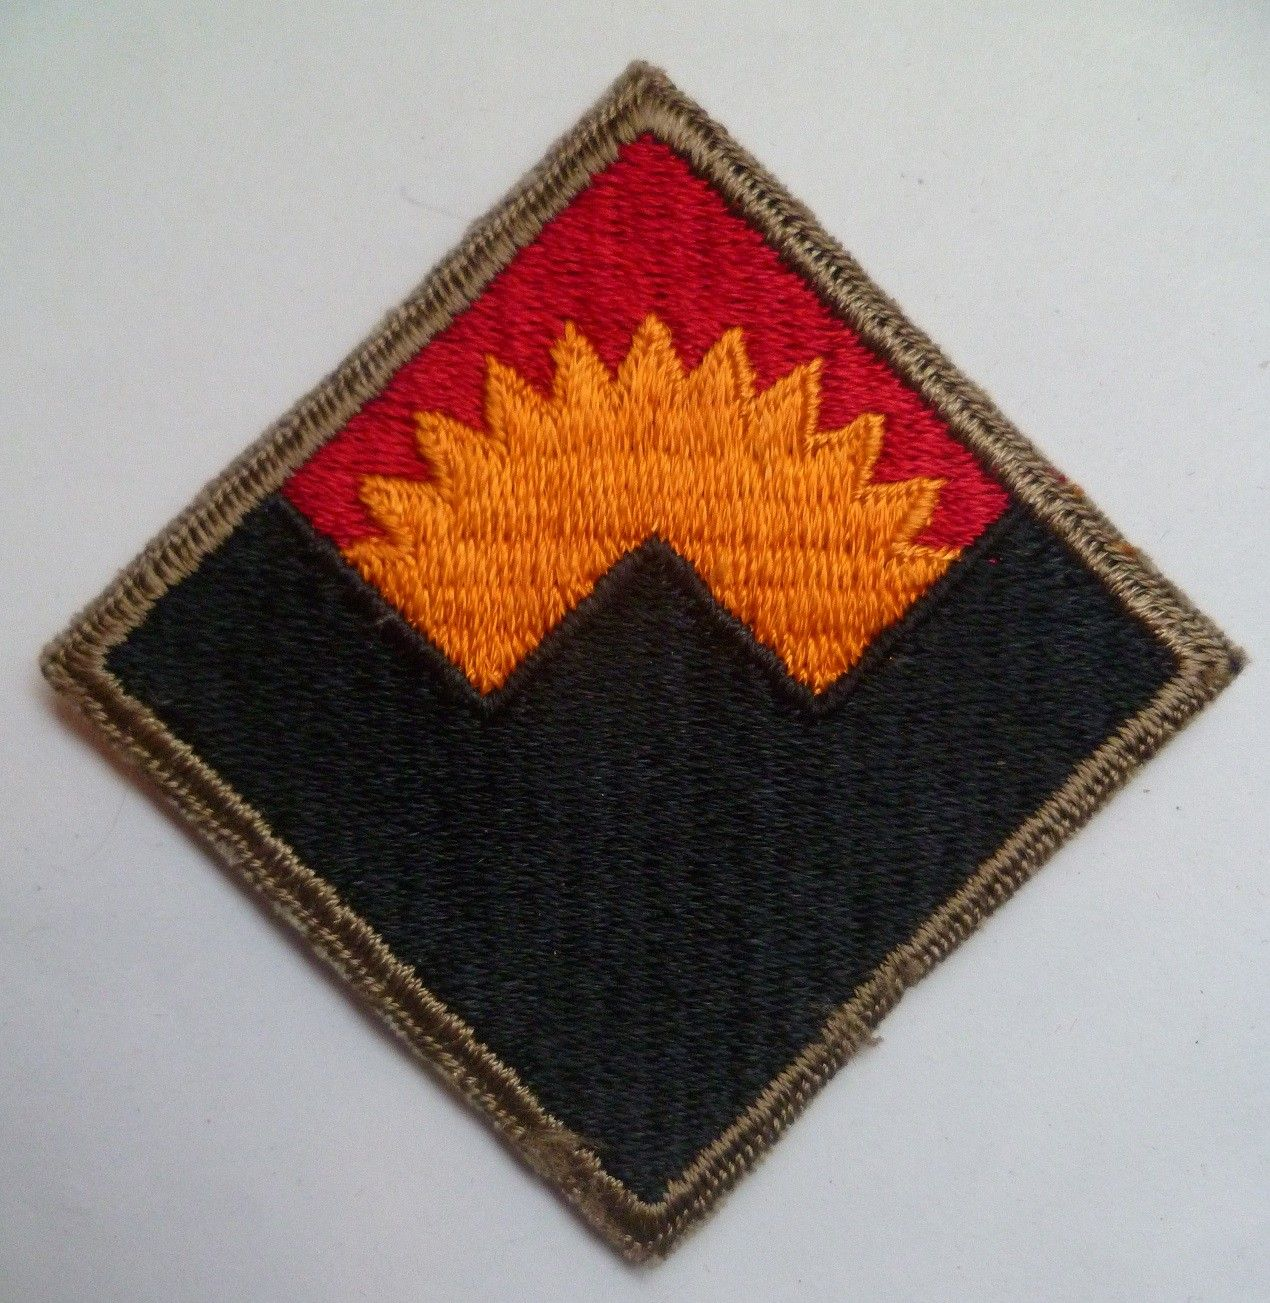 Pin on American Militaria